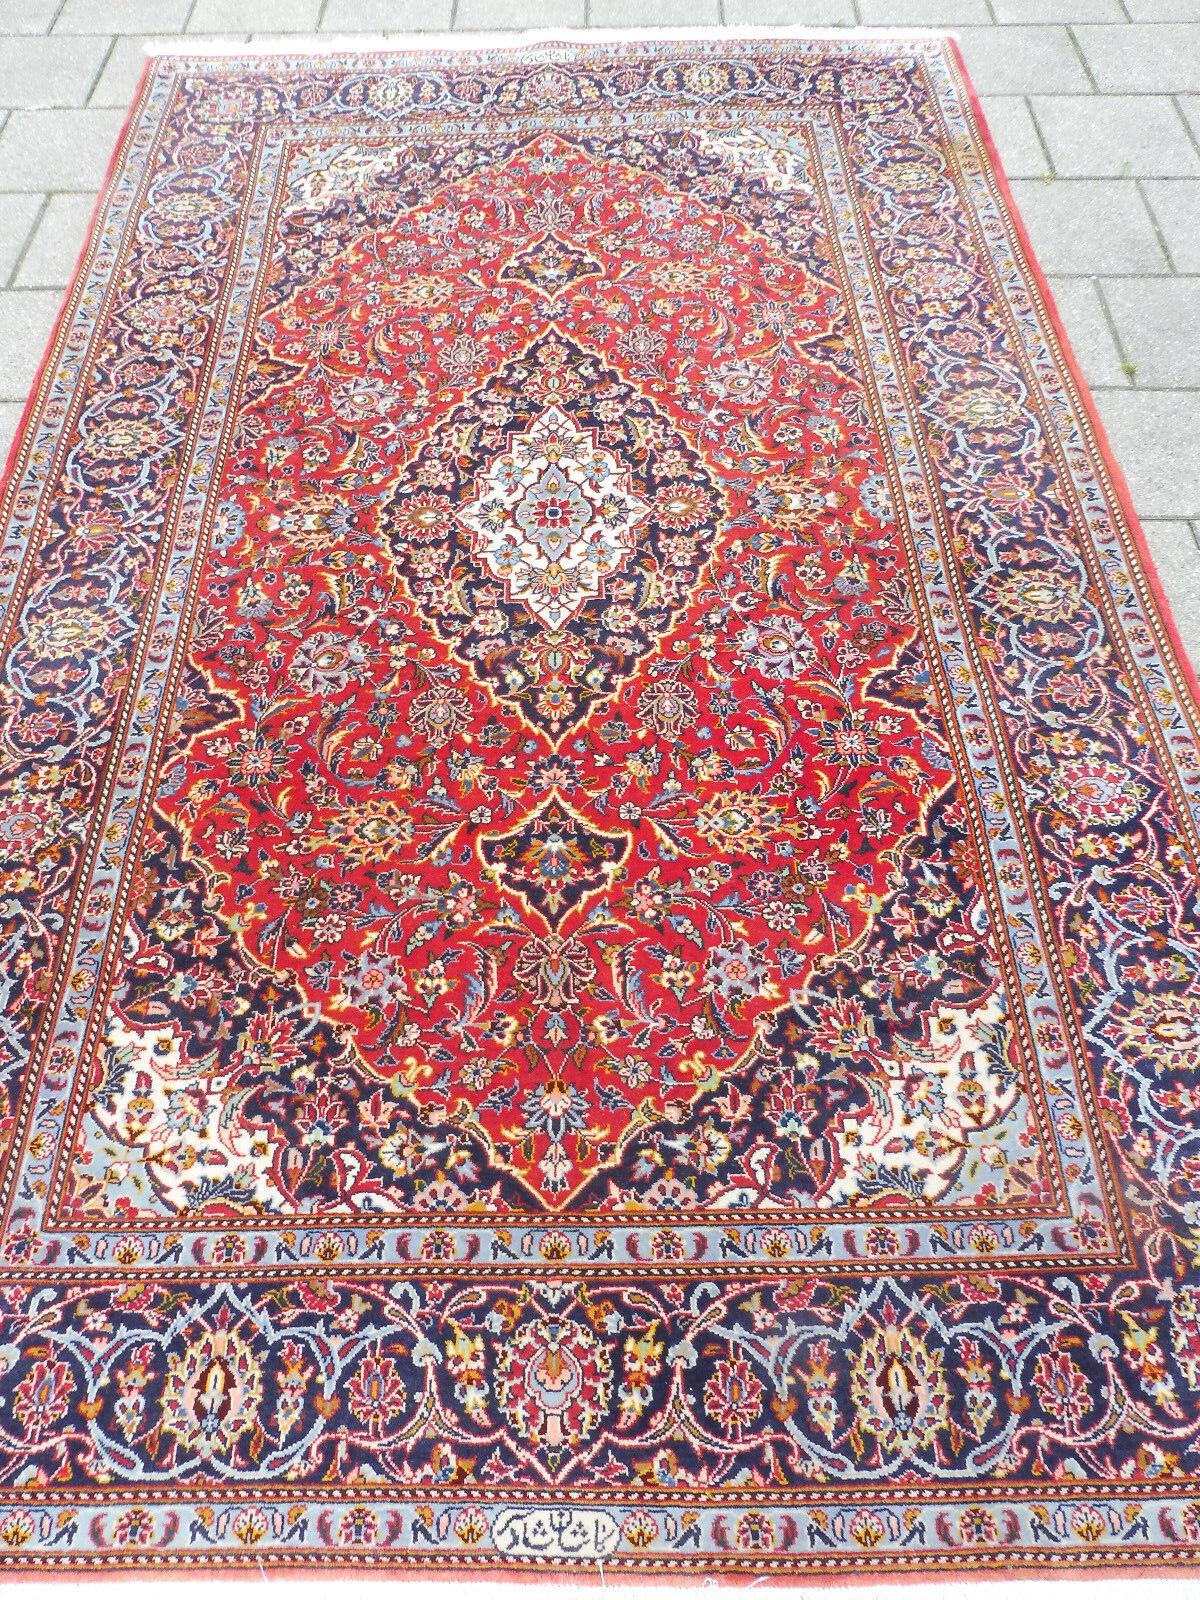 Noble, de haute qualité tapis oriental __ 230 CM CM 230 X 146cm_ __ signé __ TOP! 9887b9